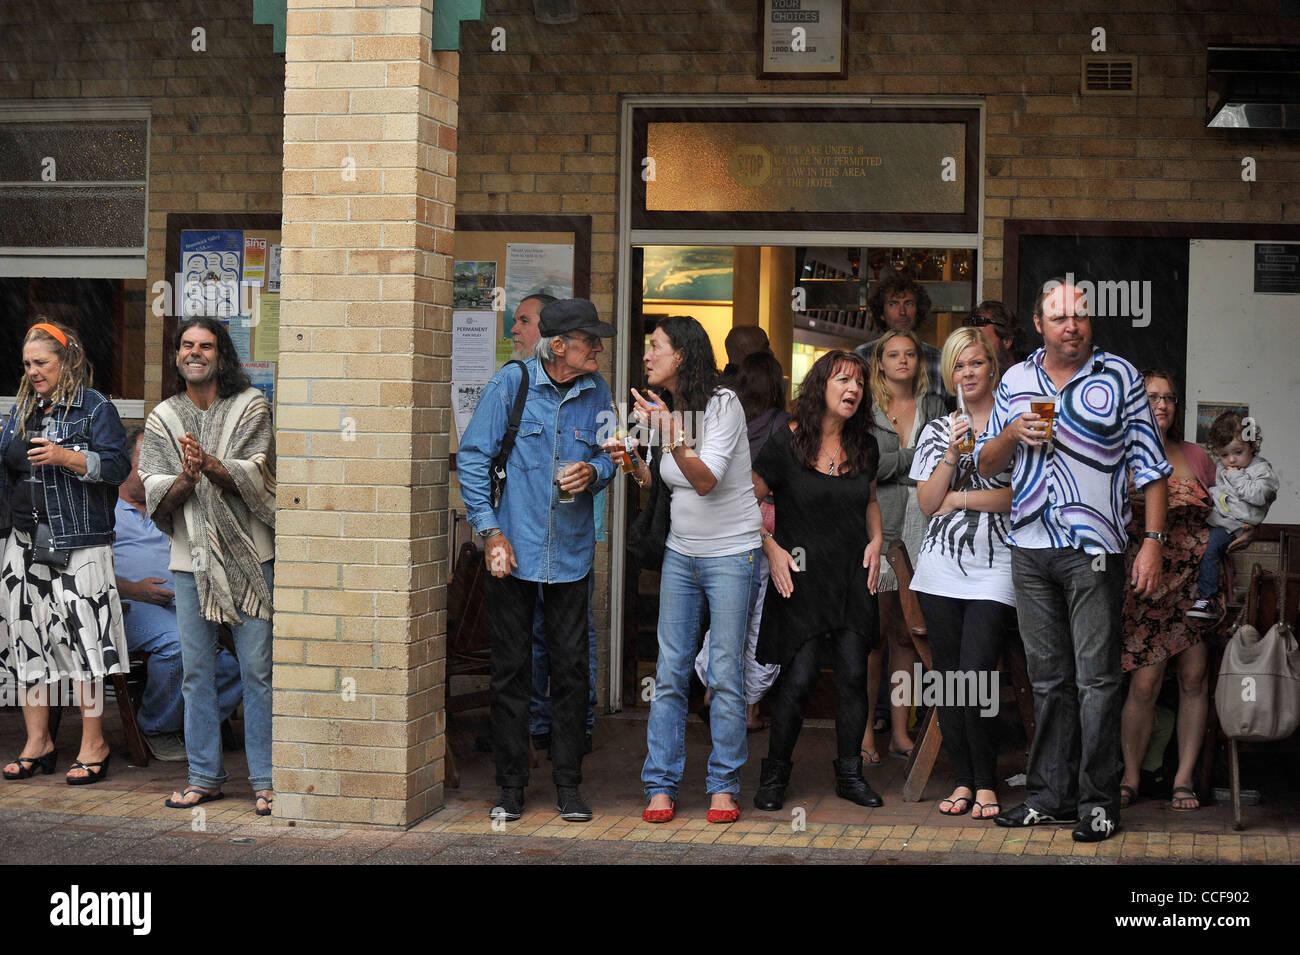 Les gens écoutent de la musique lors d'une forte averse de pluie à l'hôtel Brunswick Heads Photo Stock